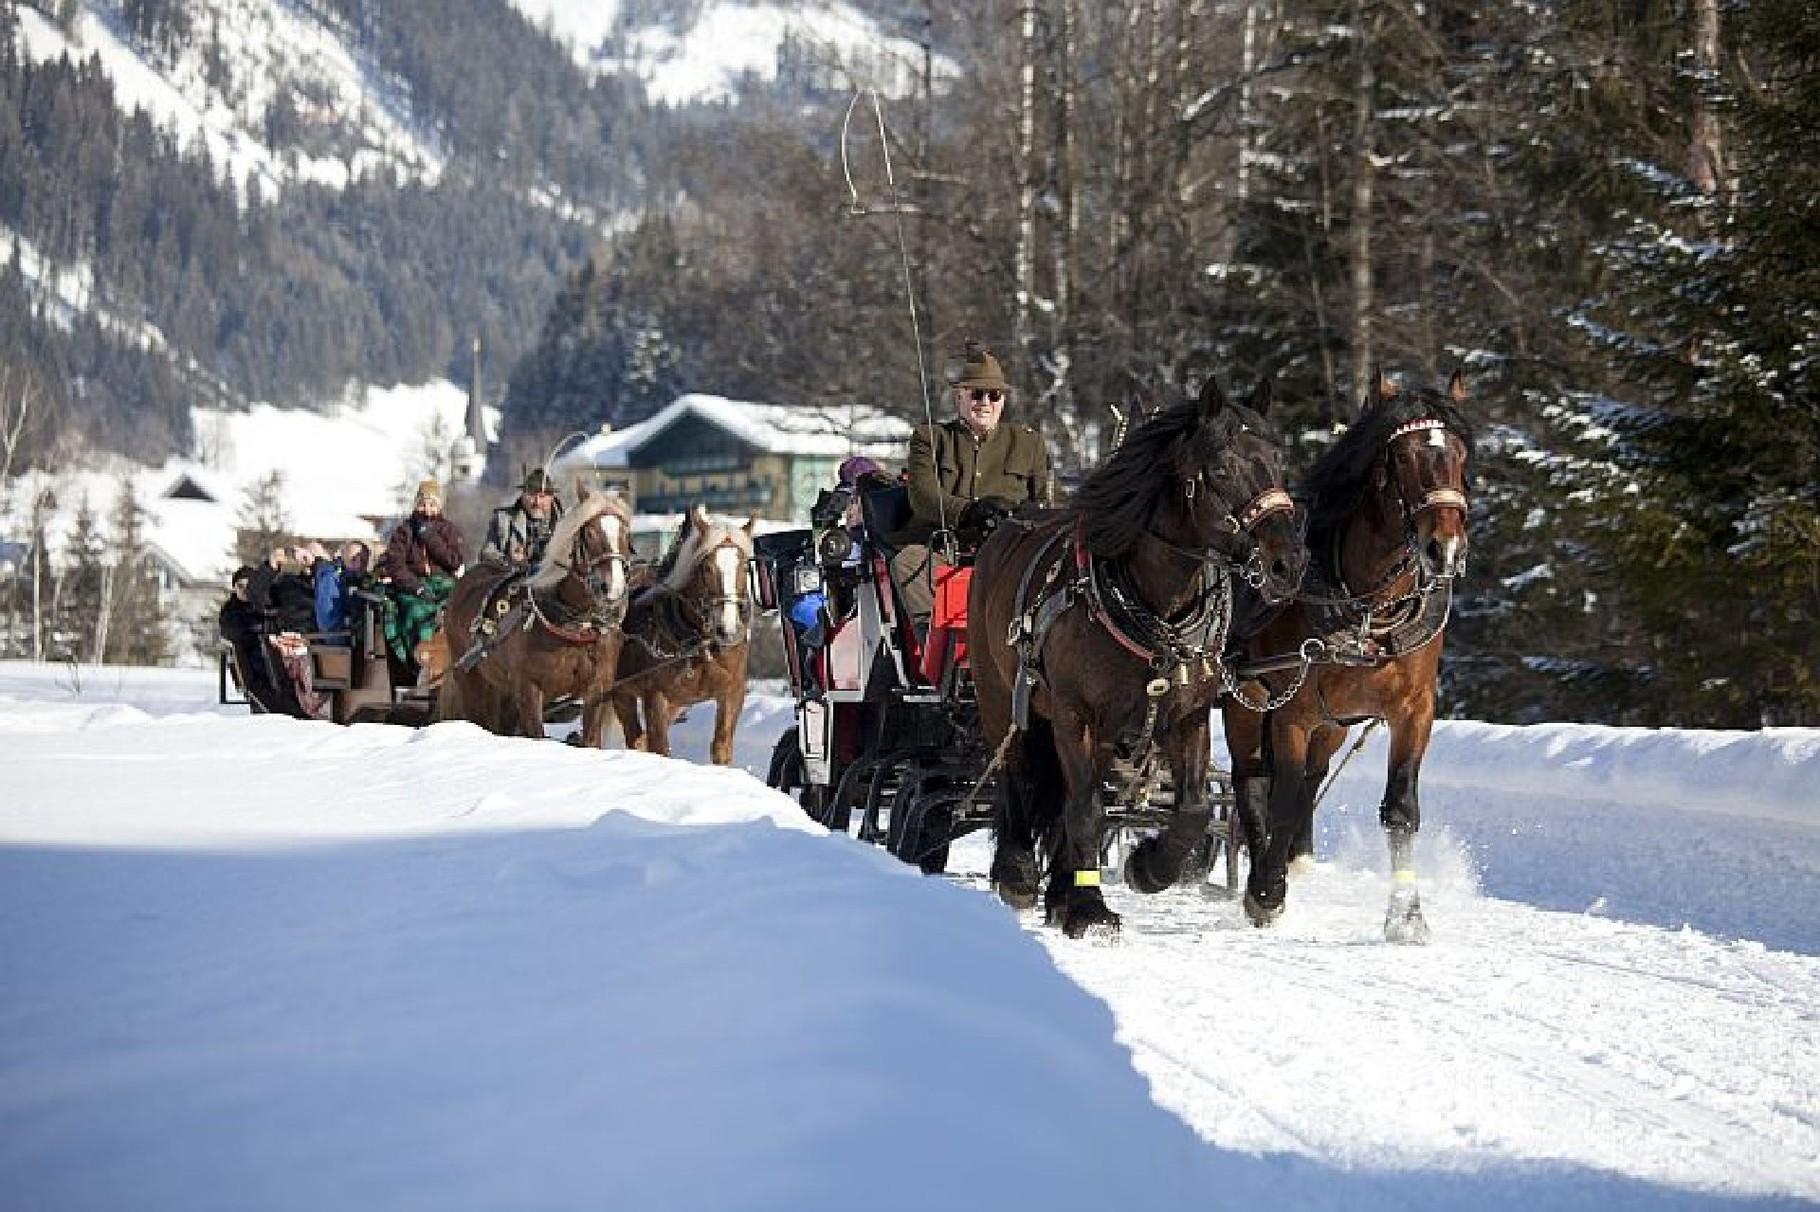 Bild: Pferdeschlittenfahrten werden angeboten